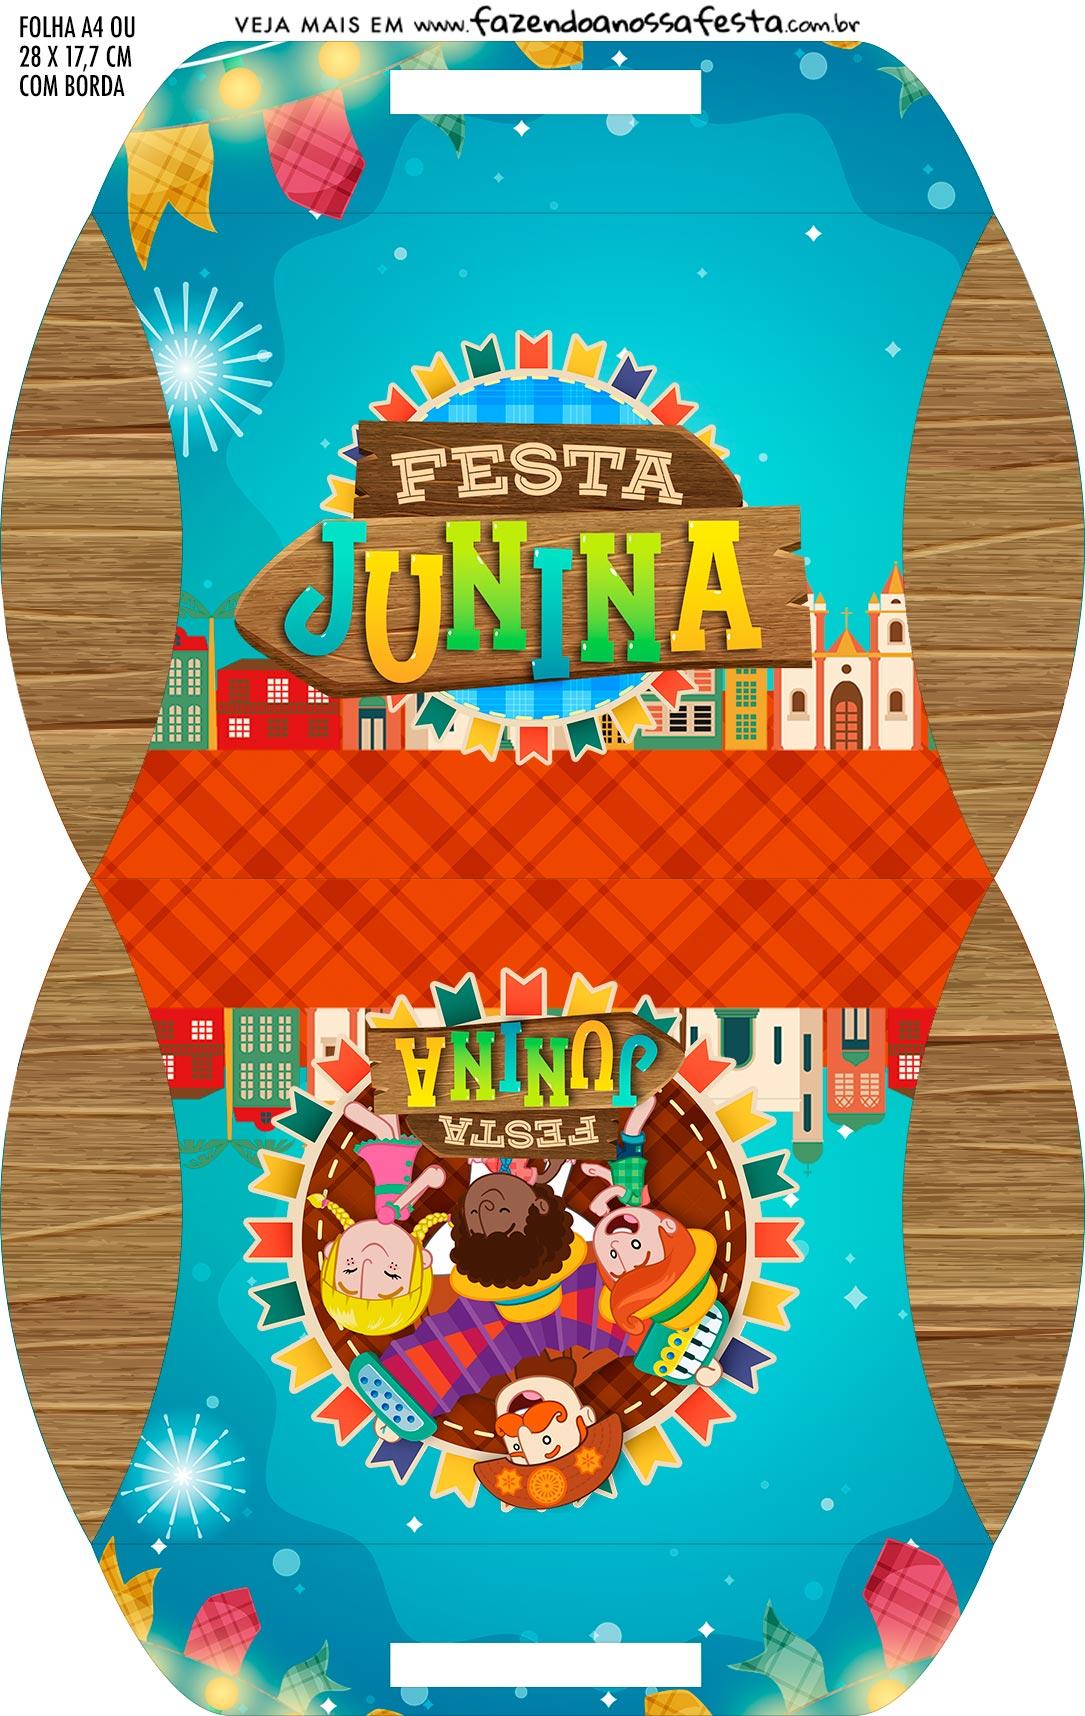 Caixa Almofada bolsinha Kit Festa Sao Joao do Bita